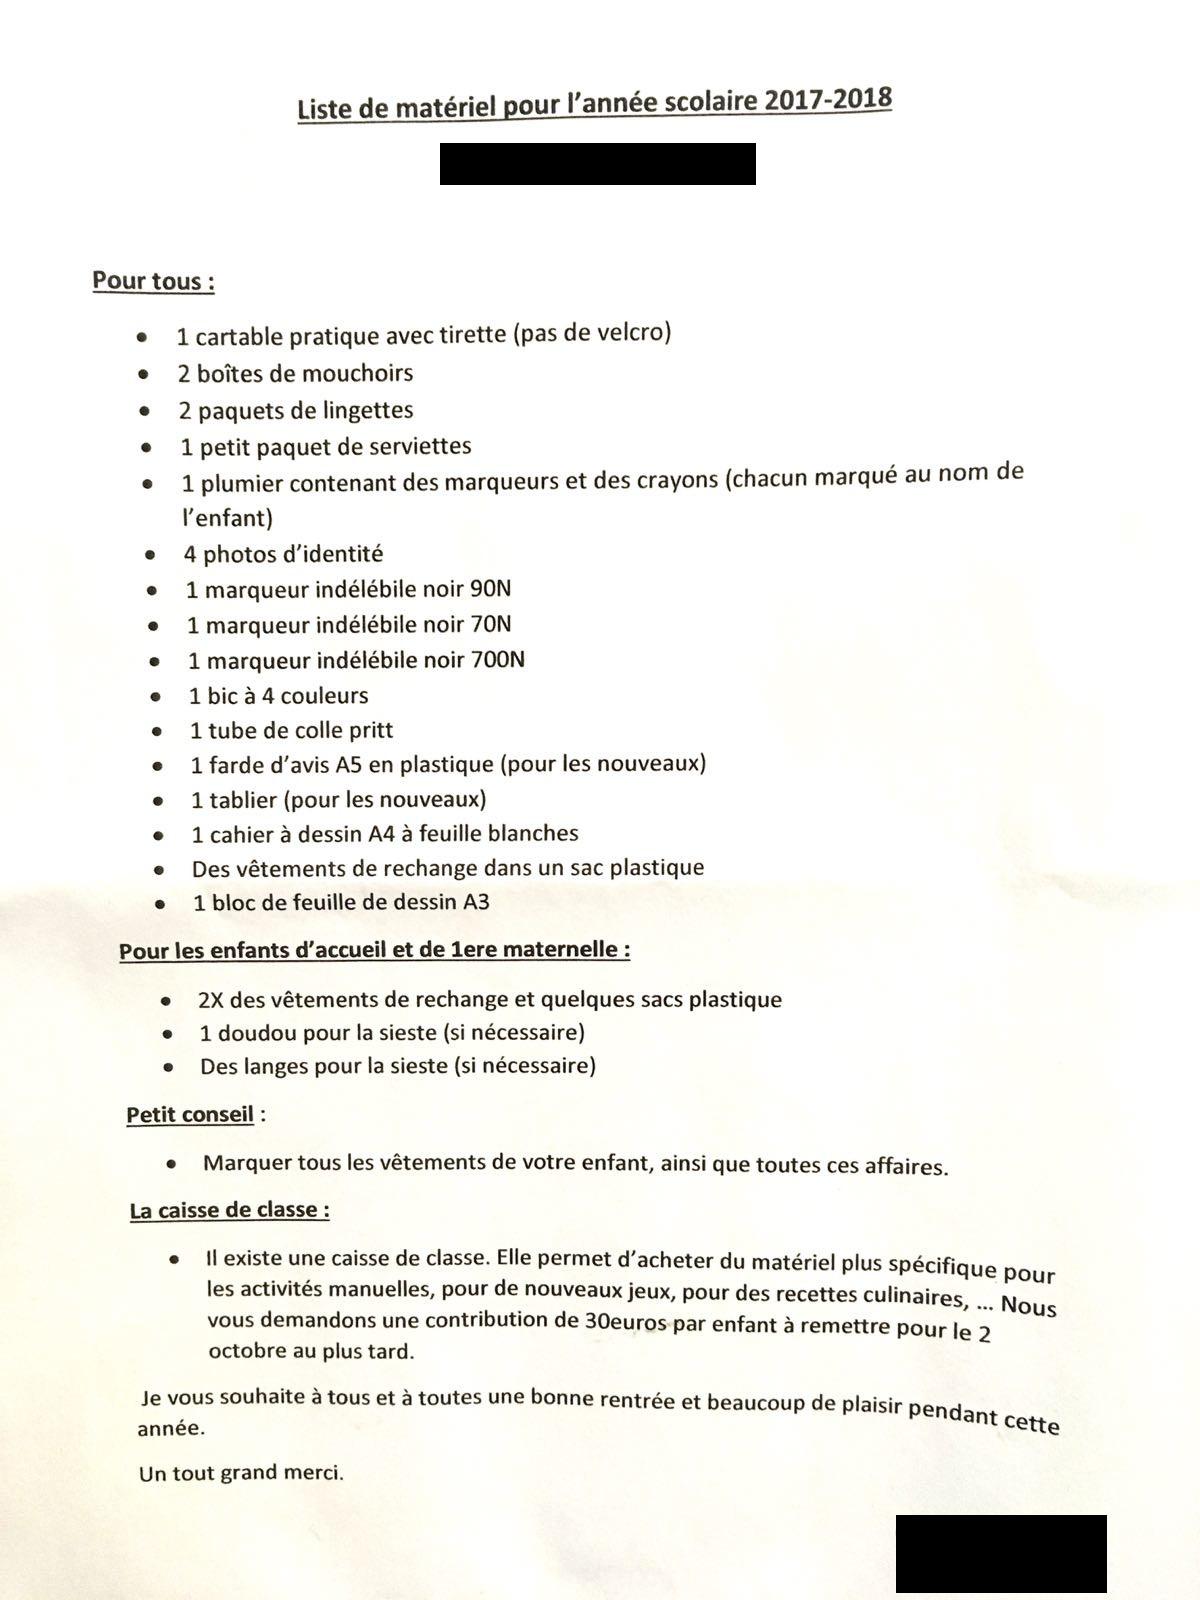 Exemple de liste de matériel scolaire de 2e maternelle.